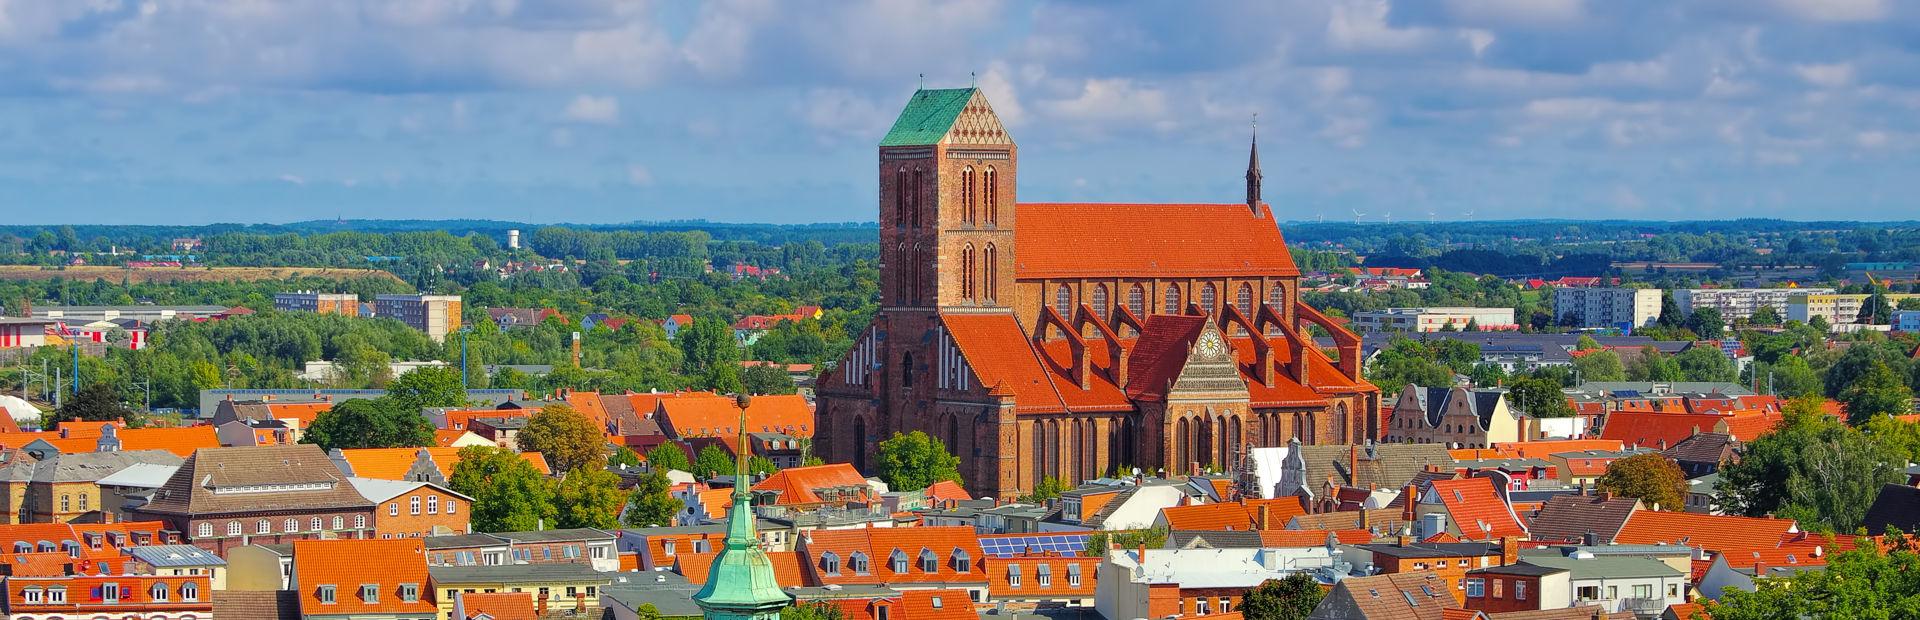 Das Team der SAPV in Nordwestmecklenburg bietet Betroffenen und Angehörigen die Leistungen der spezialisierten ambulanten Palliativversorgung (SAPV).